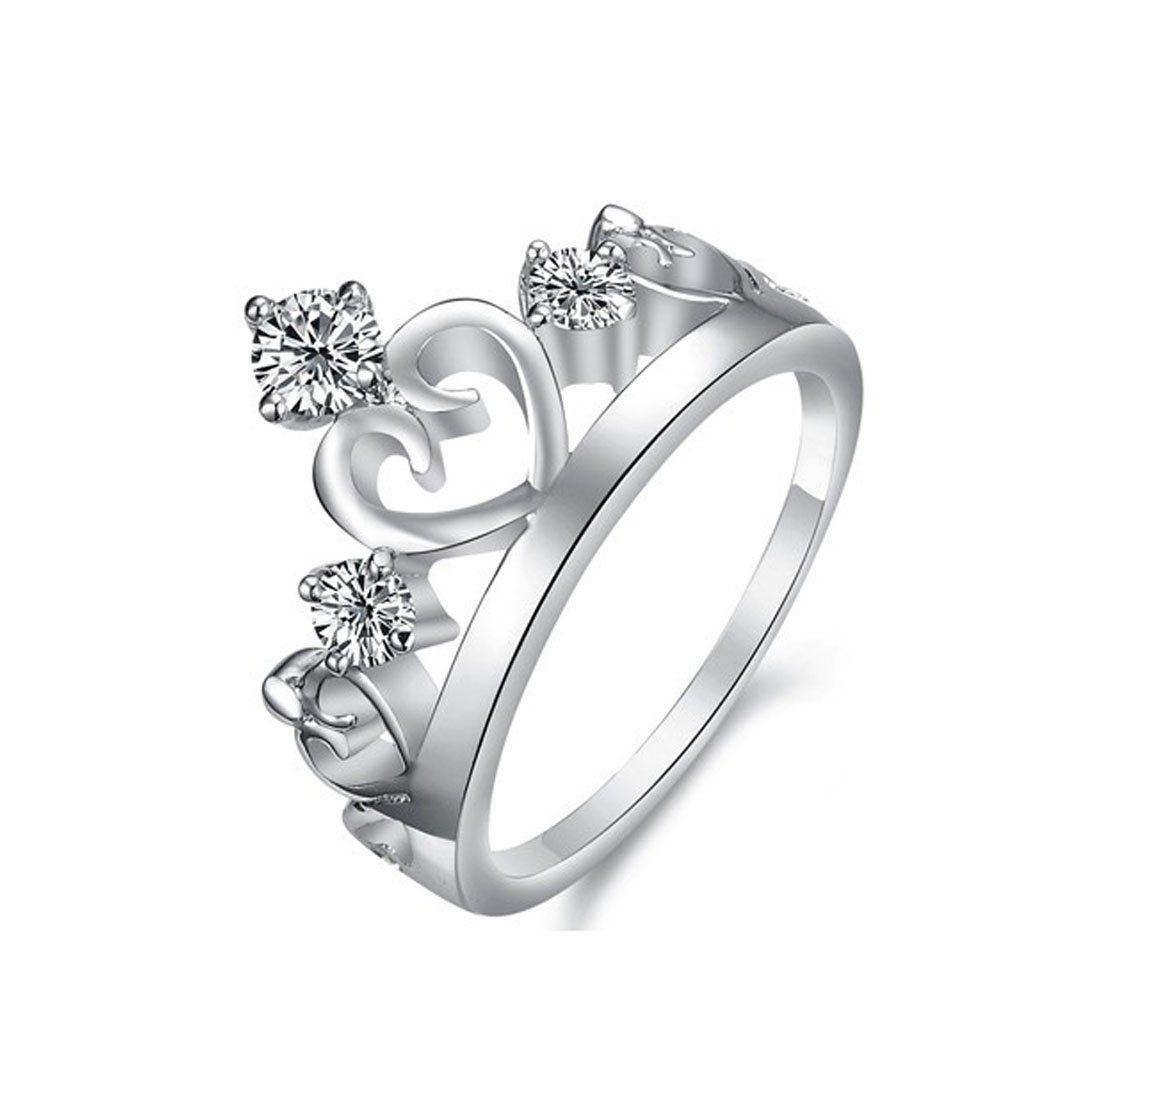 DamenKrone Ring grace 925 Sterling Silber glam  Tattoo  Bild  Tattoo krone Ringe und Schmuck